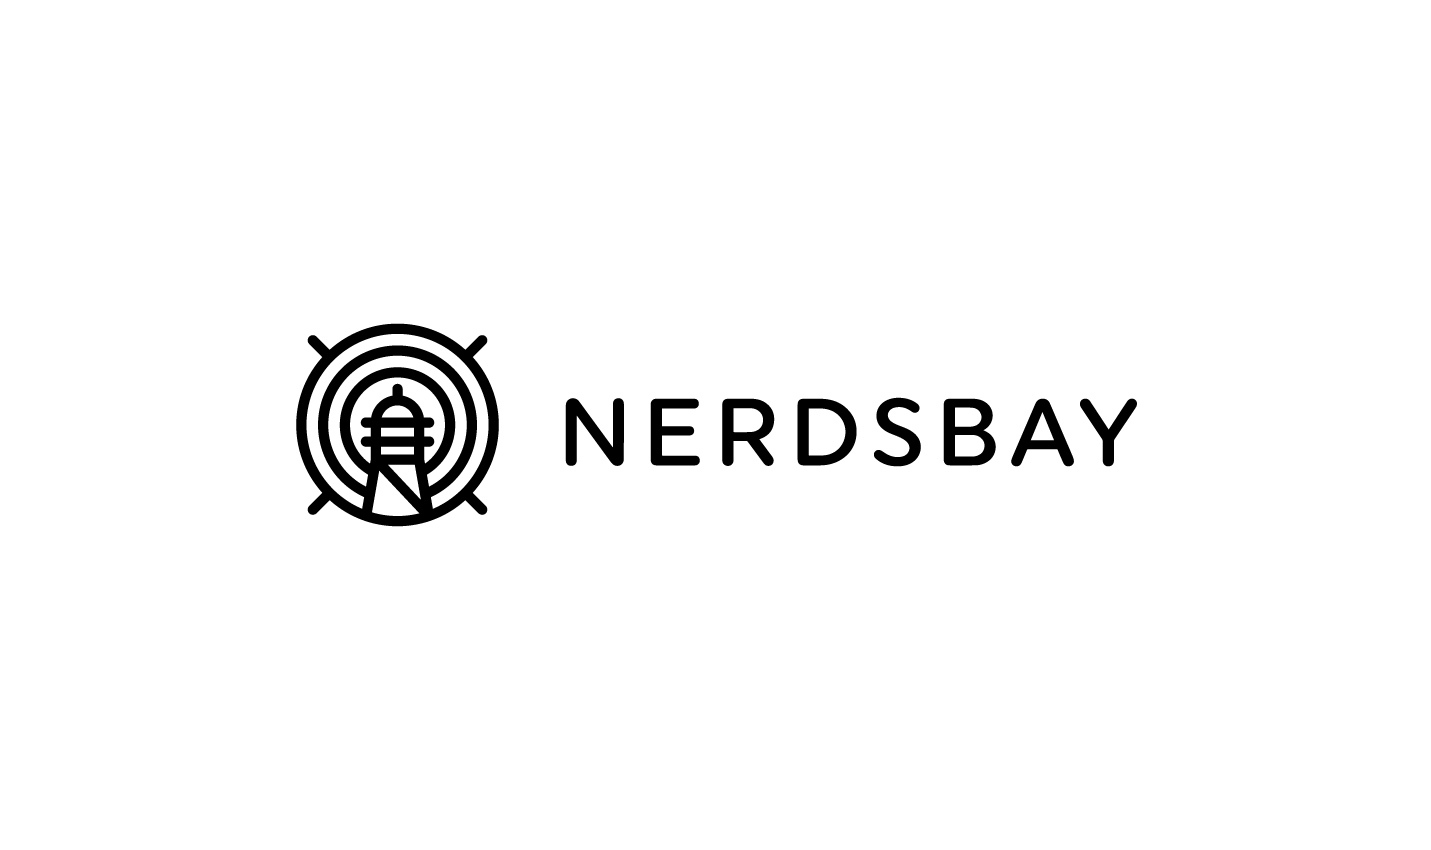 Nerdsbay